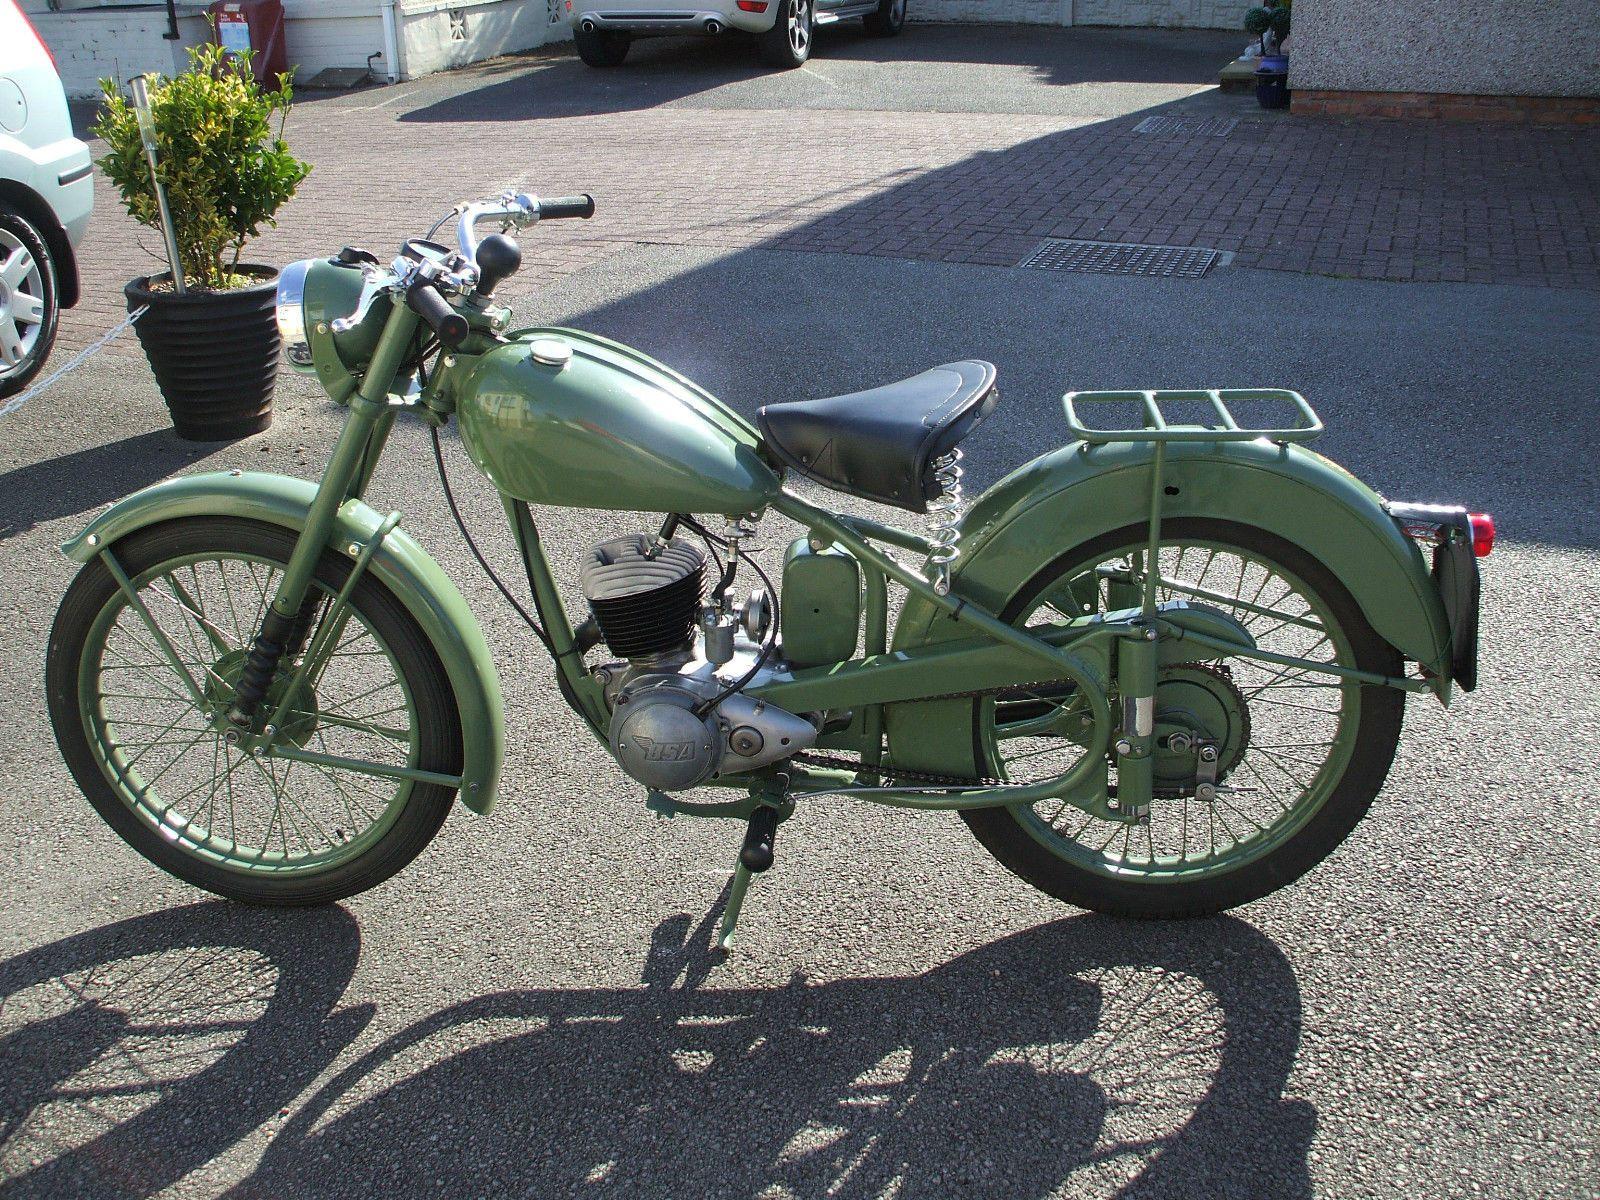 1951 BSA Bantam D1 | Motorcycles | Pinterest | D1